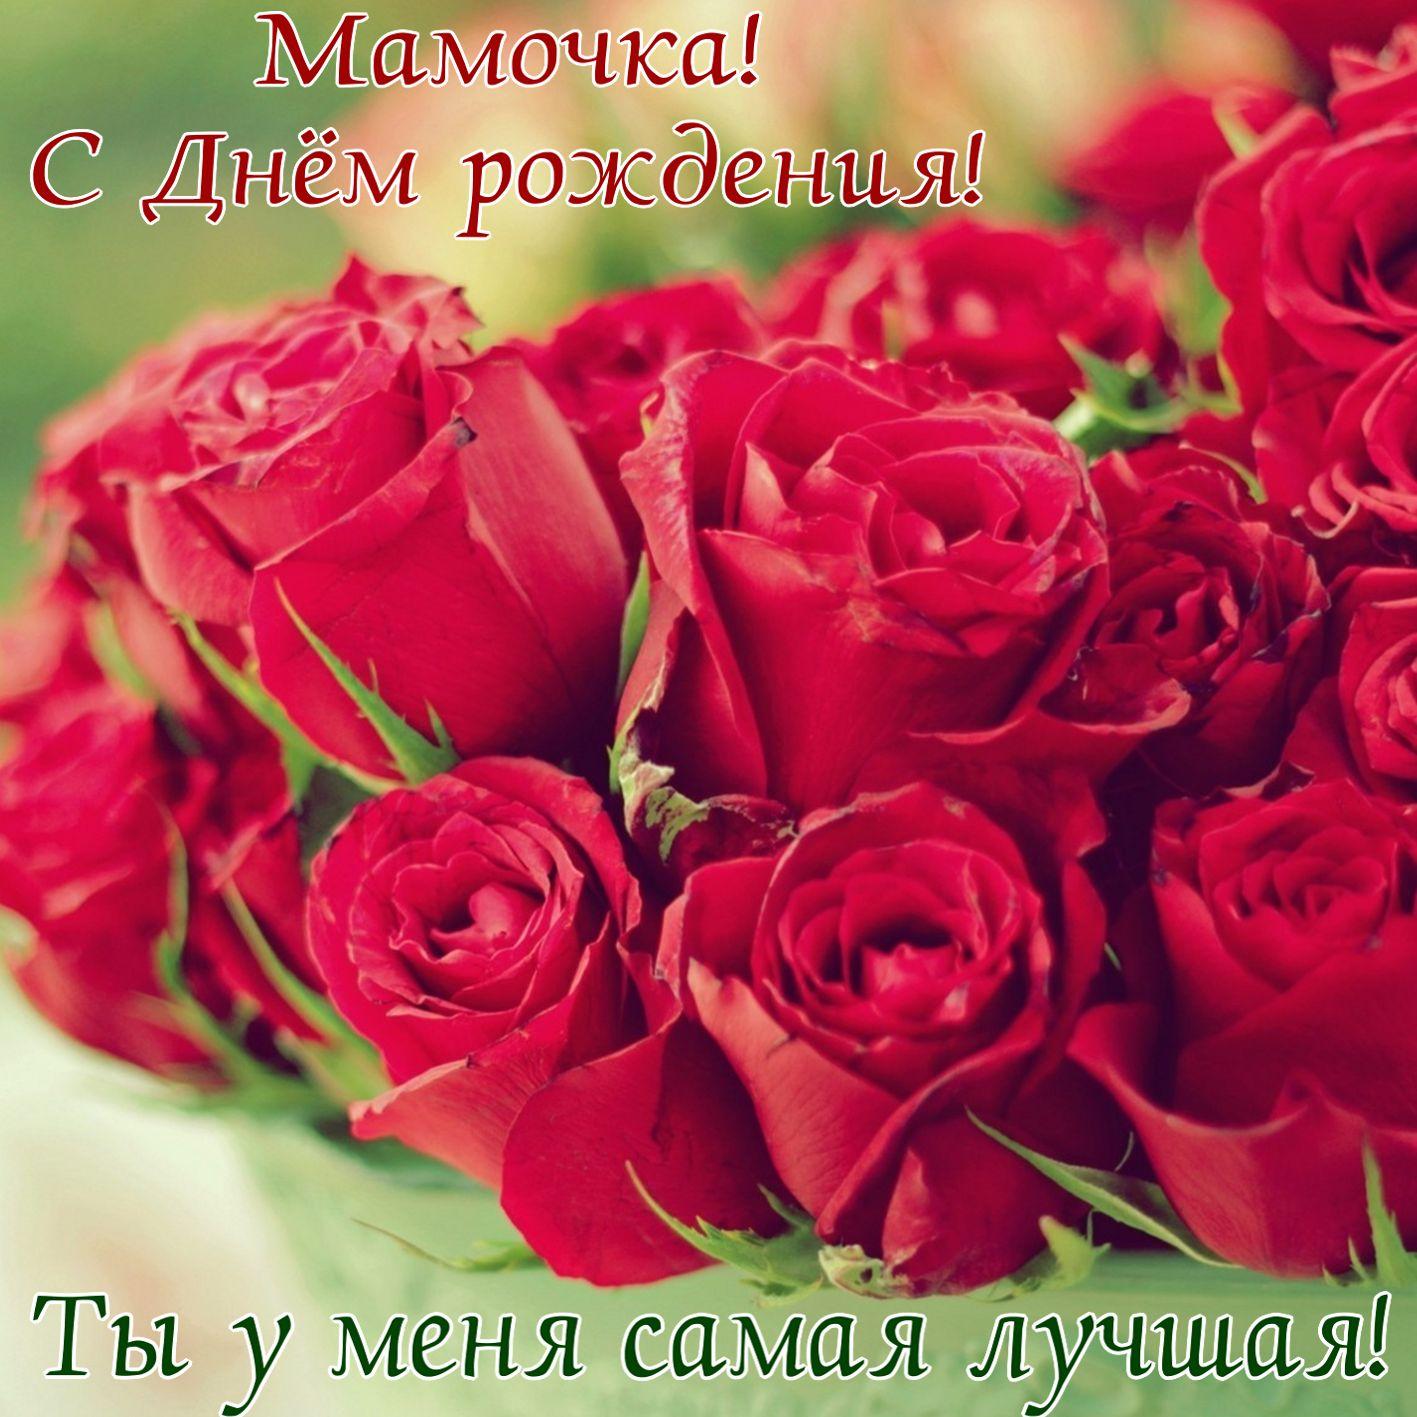 Красивые розы для самой лучшей мамочки